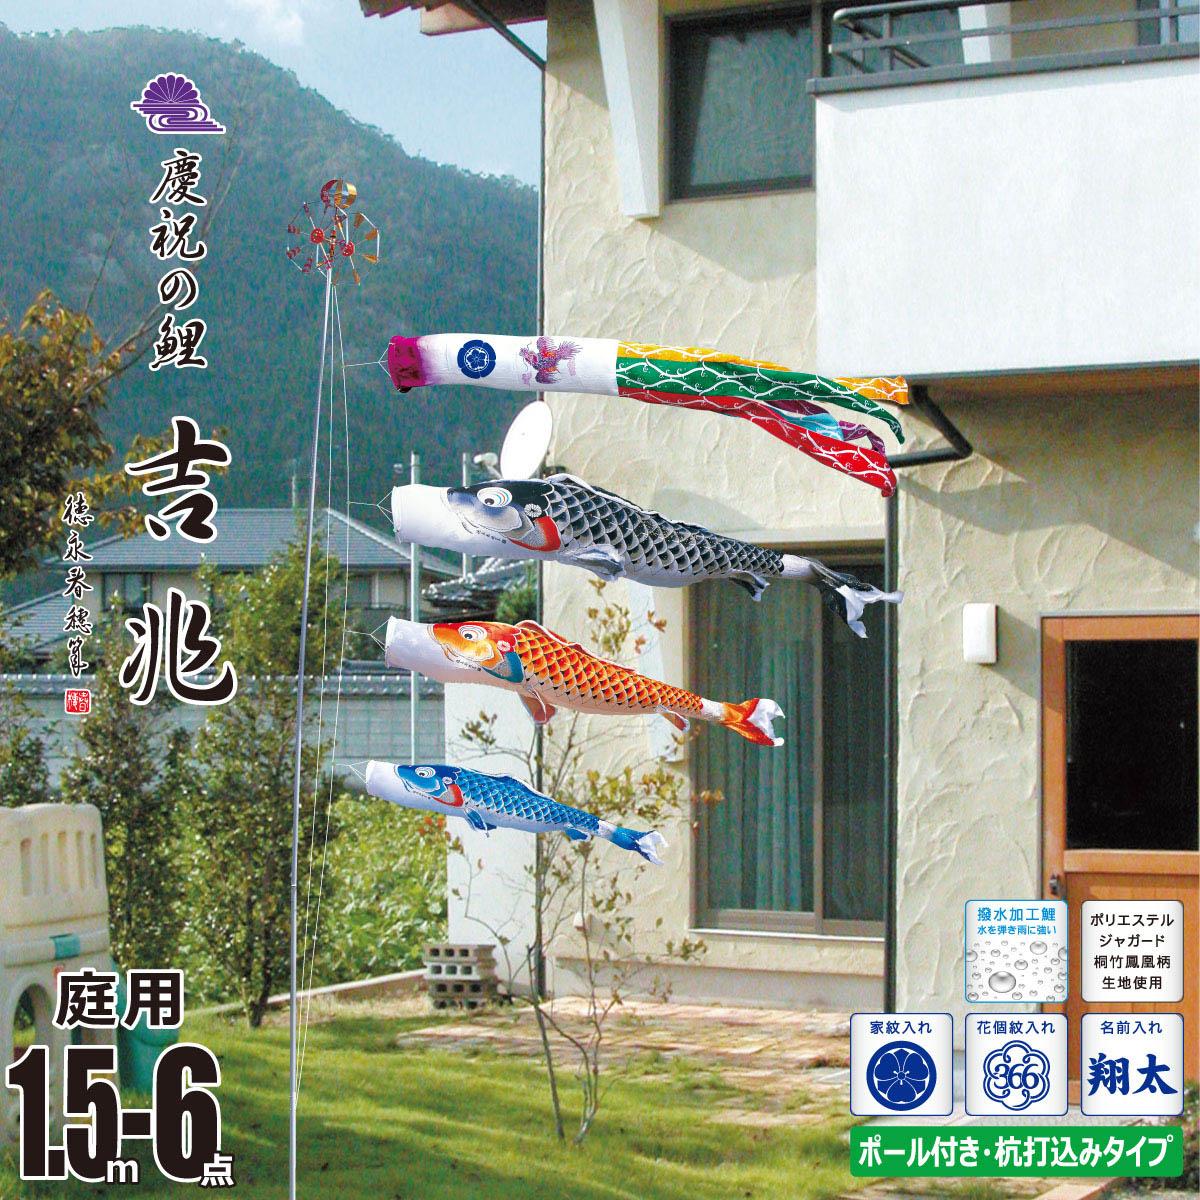 こいのぼり 1.5m 吉兆 6点 (矢車、ロープ、吹流し、鯉3匹) 庭園用 ガーデンセット (専用ポール一式) 徳永鯉のぼり KIT-118-351